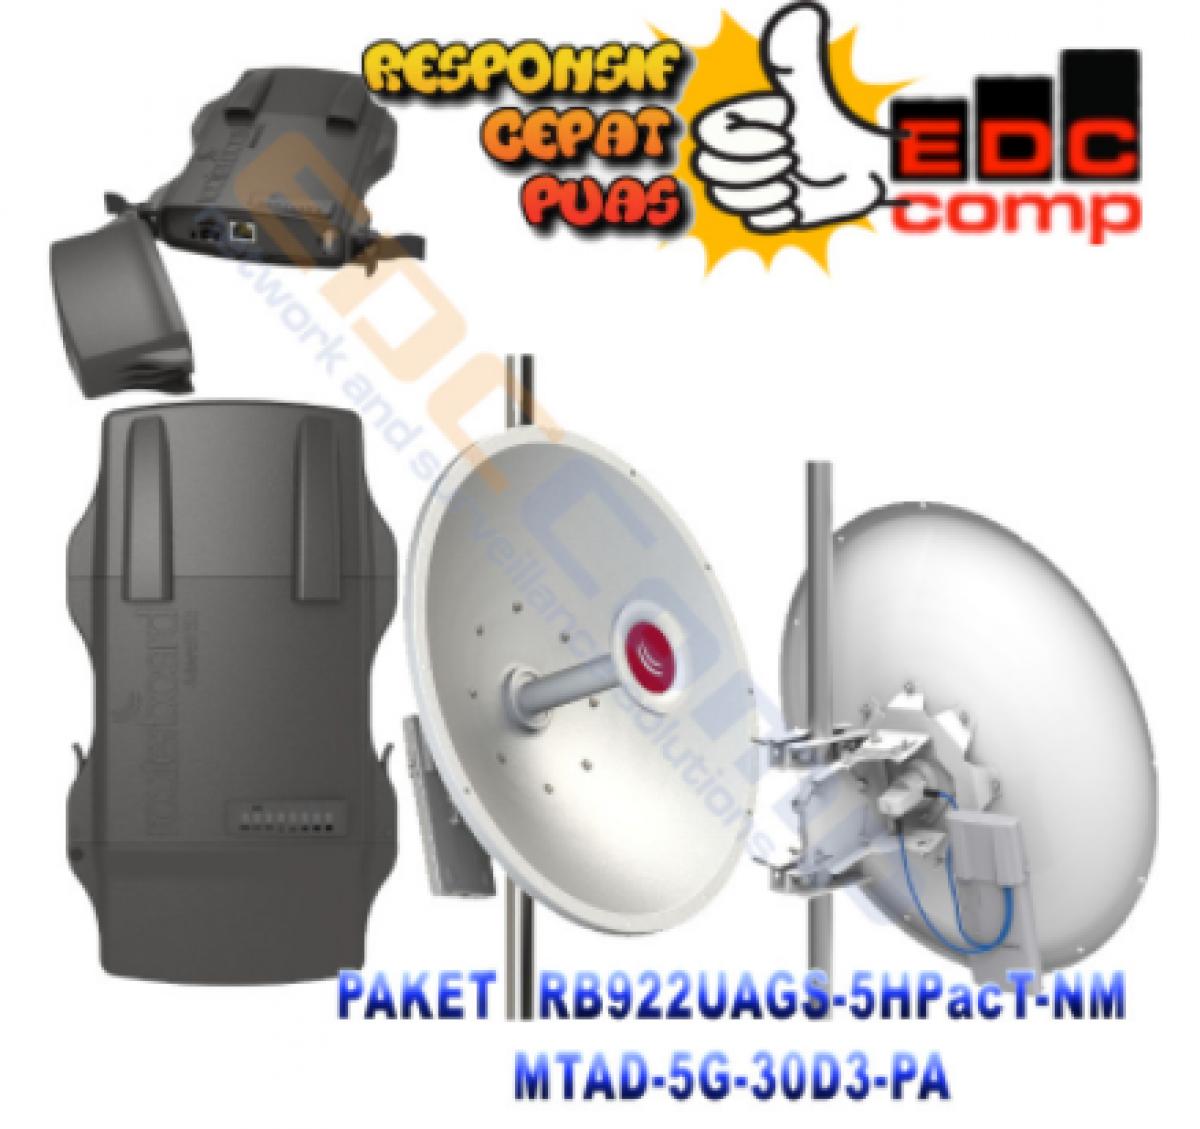 Paket MikroTik Netmetal 5-e / RB922UAGS-5HPacD-NM + MTAD-5G-30D3 - EdcComp